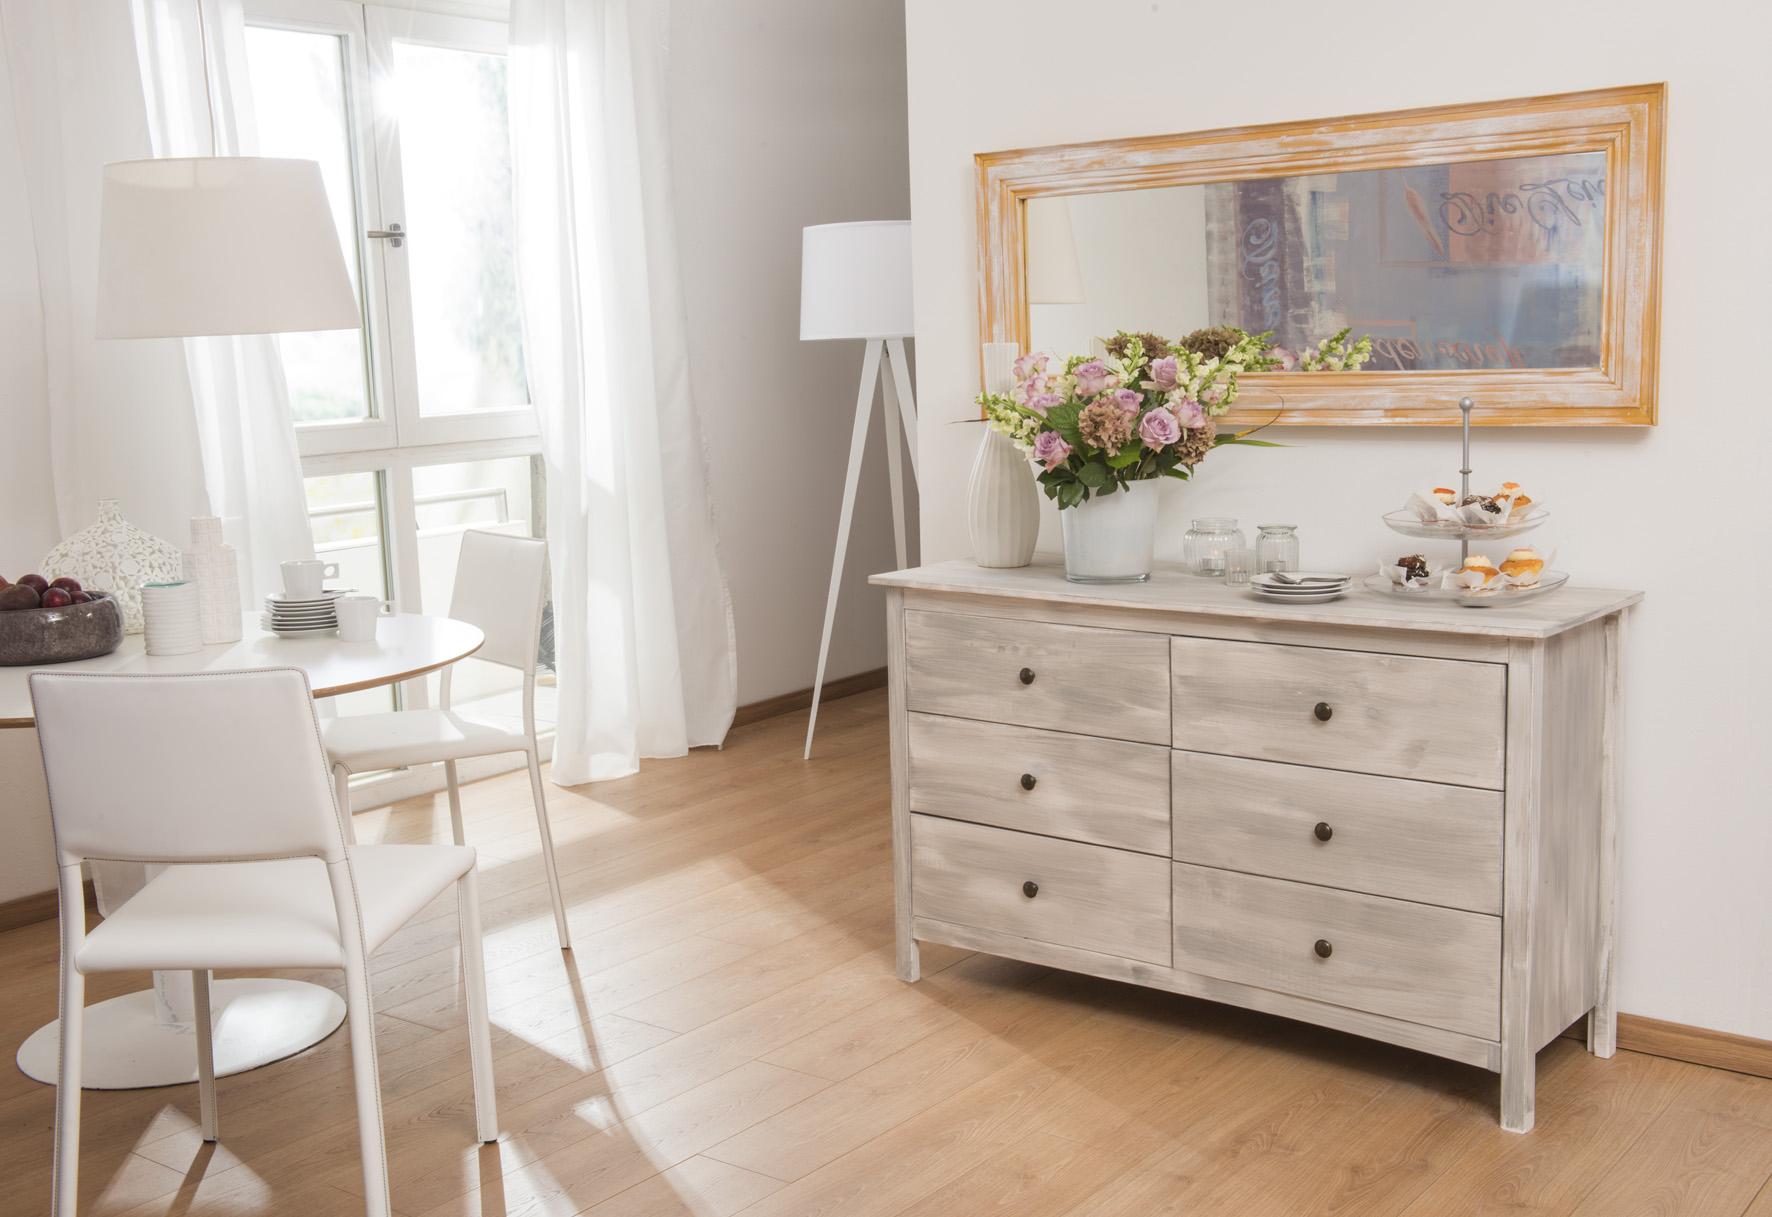 einrichtung retro stil mobel farben. Black Bedroom Furniture Sets. Home Design Ideas